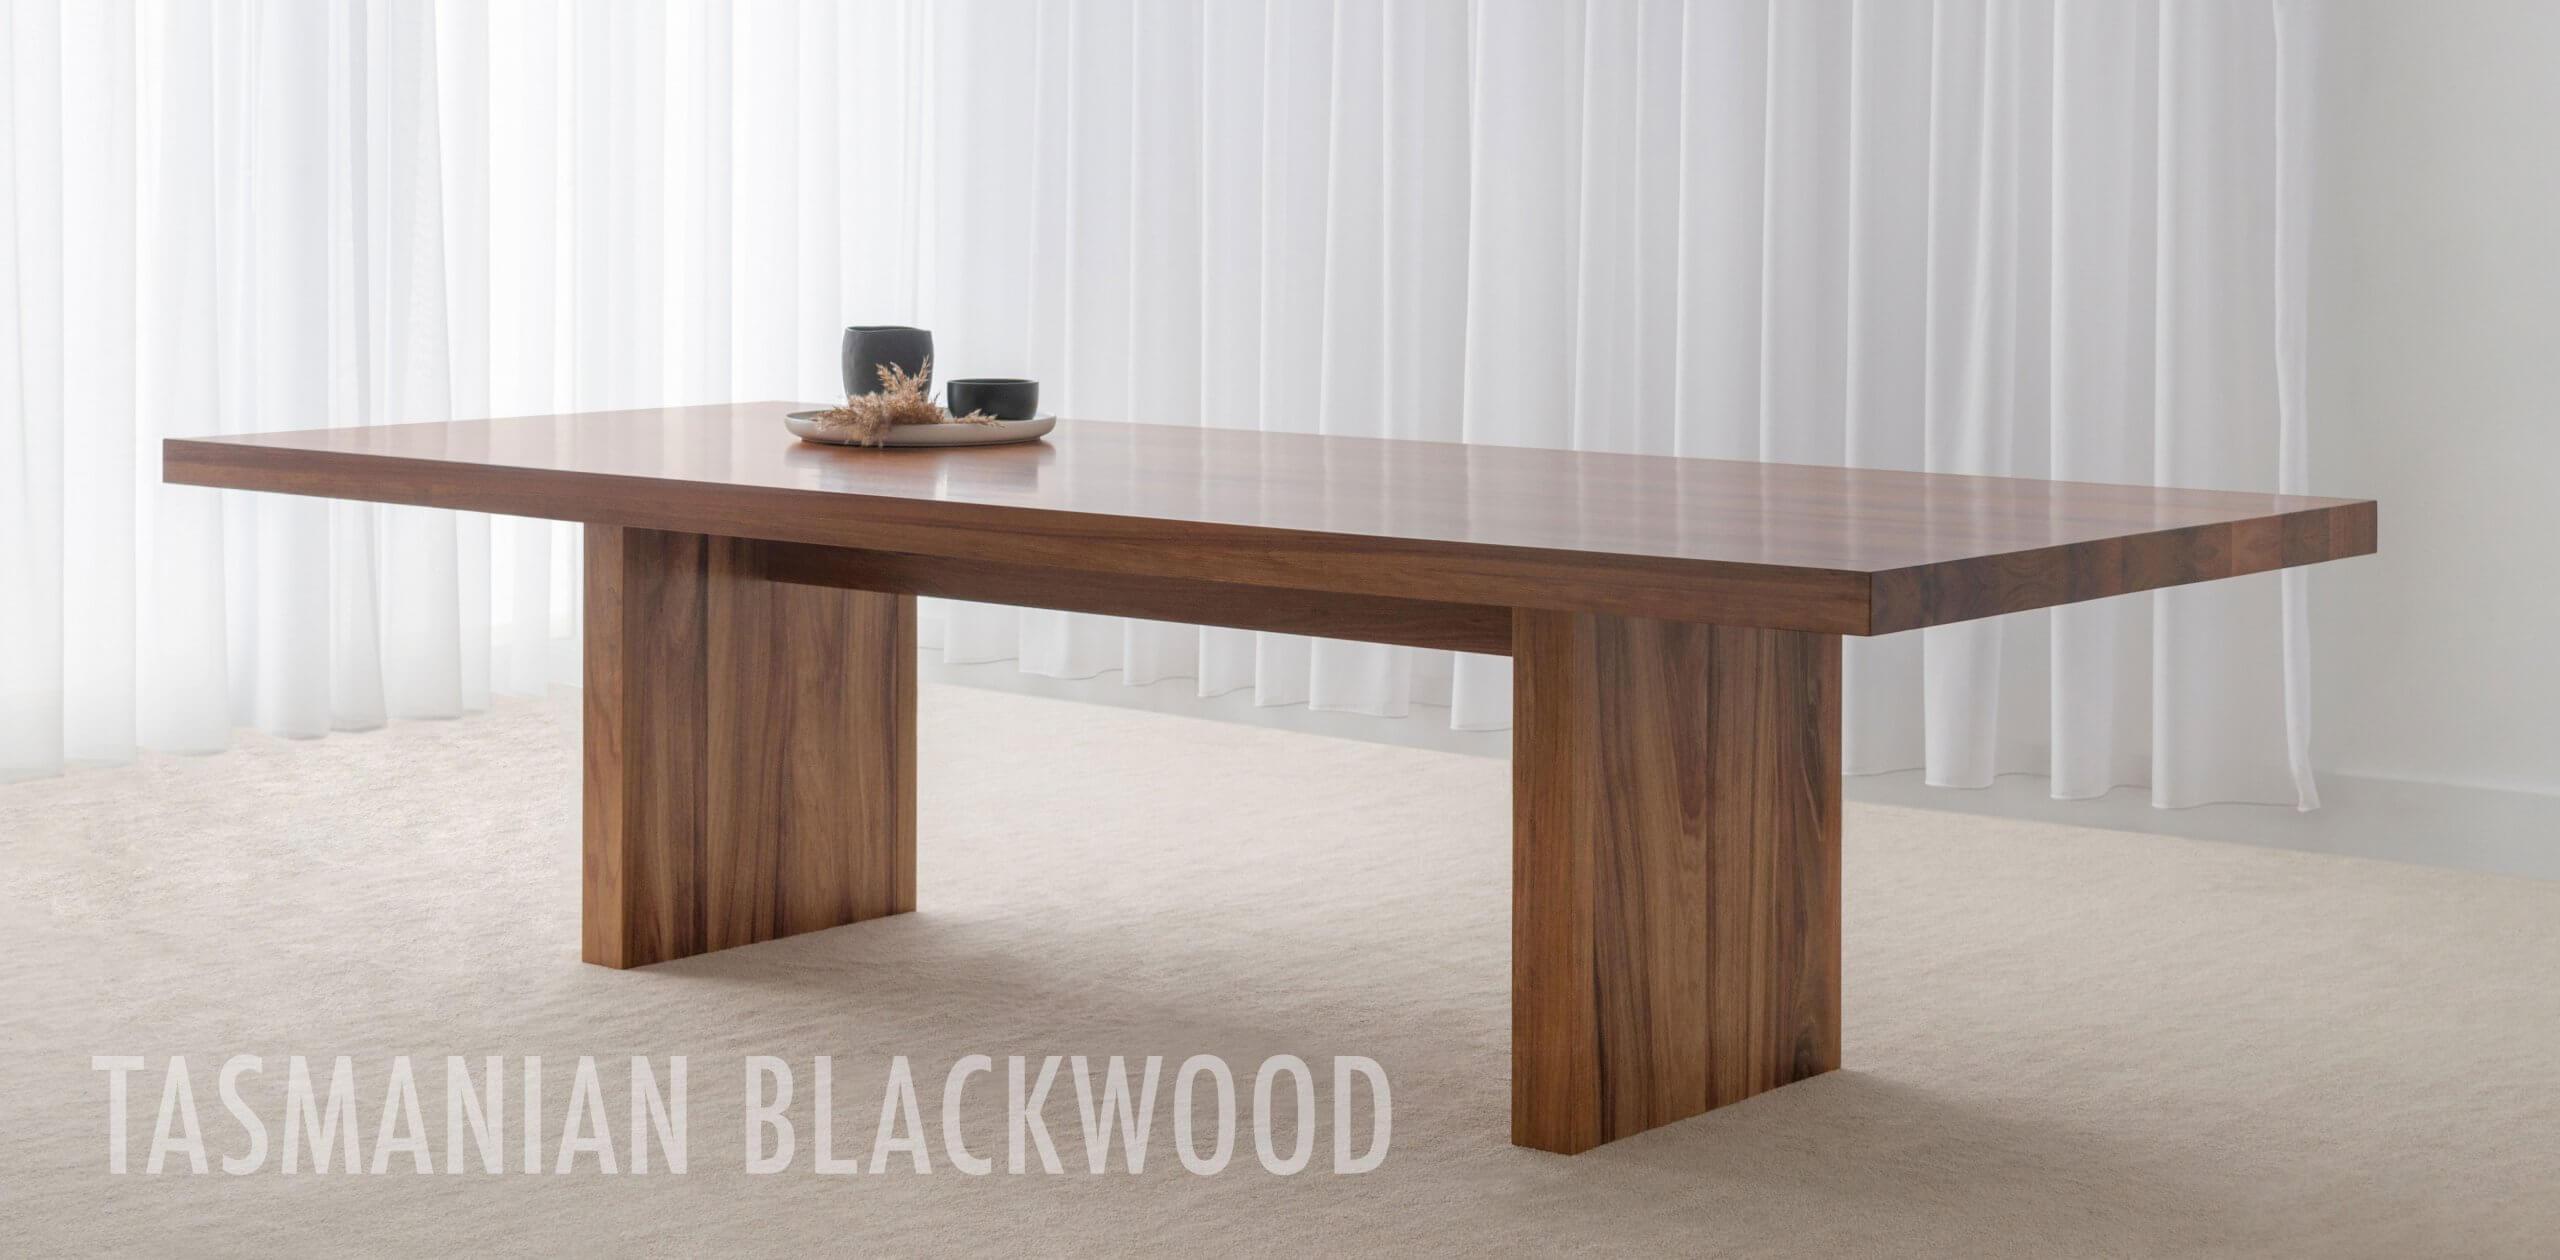 Tasmanian Blackwood Table